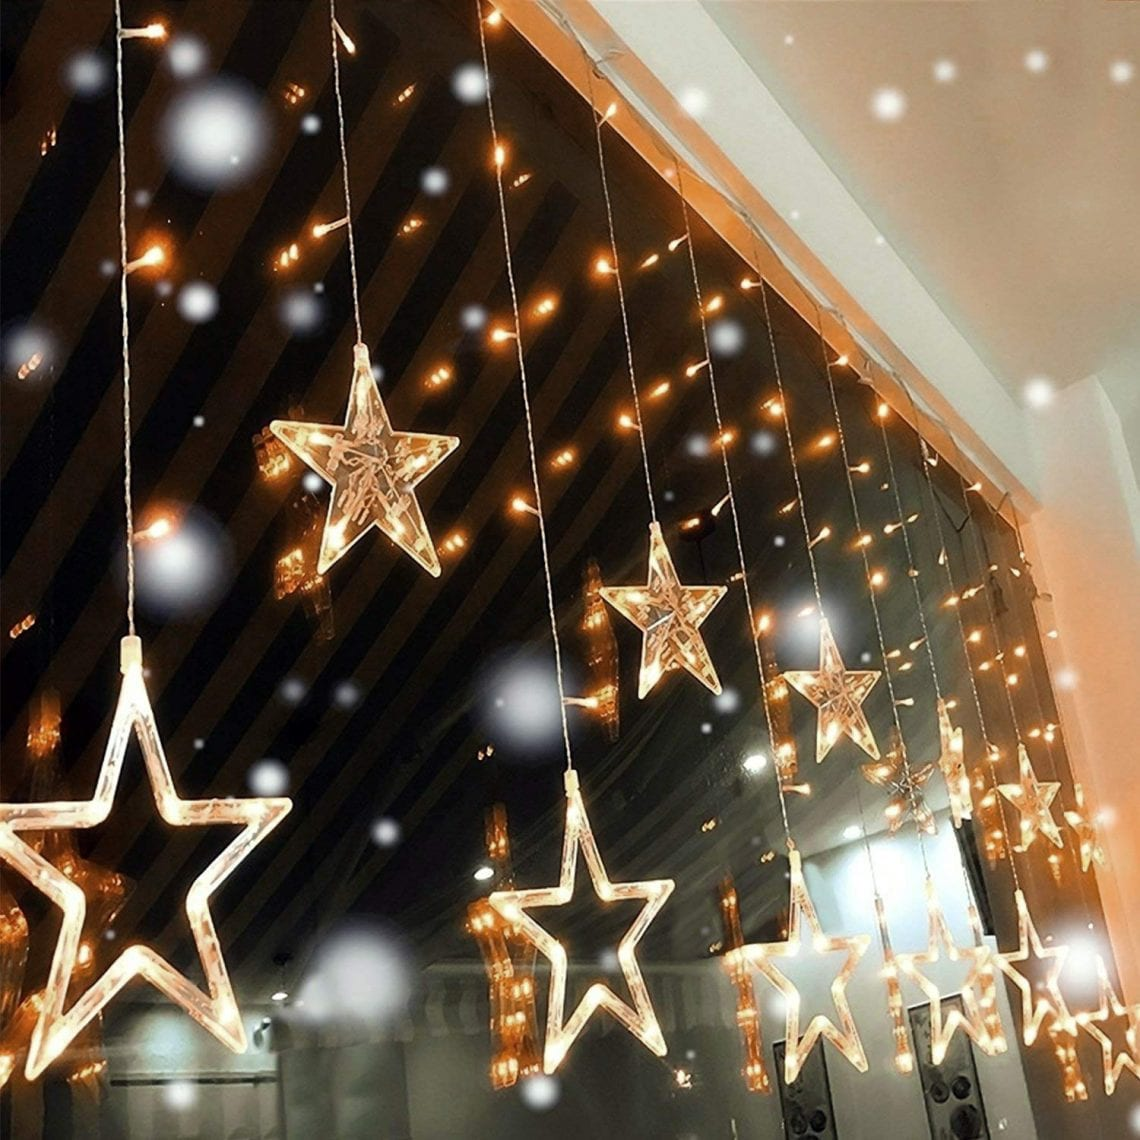 Sfondi Natalizi Su Cui Scrivere.La Tendenza Con Ghirlanda Di Natale Confronto E Recensioni Zone Led